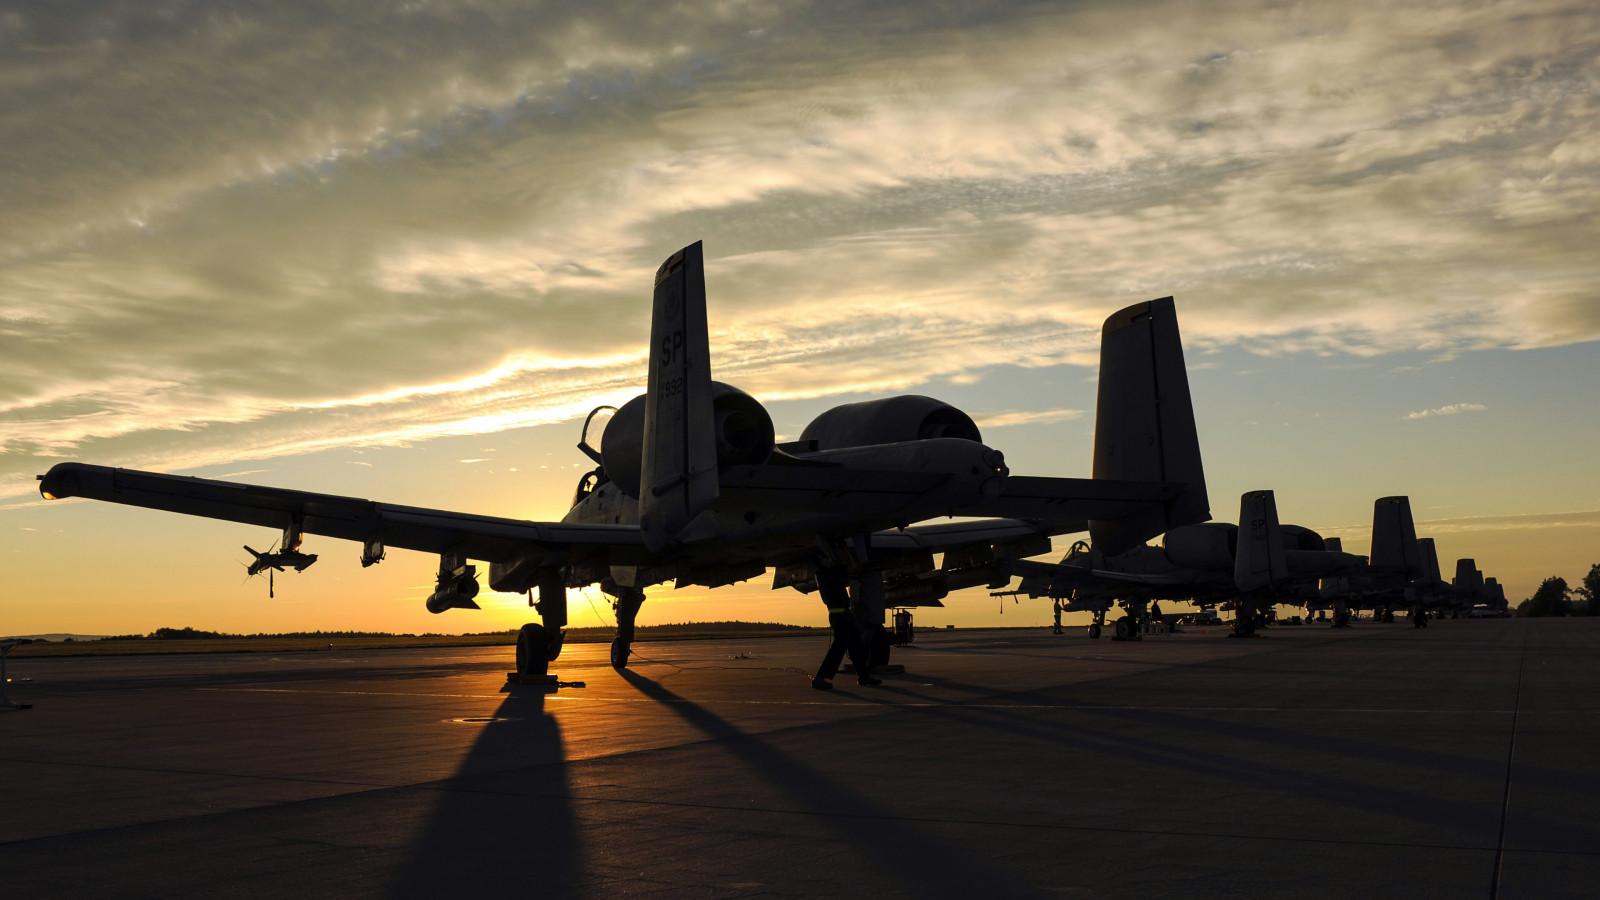 Fairchild_A_10_Thunderbolt_II_sunset_air